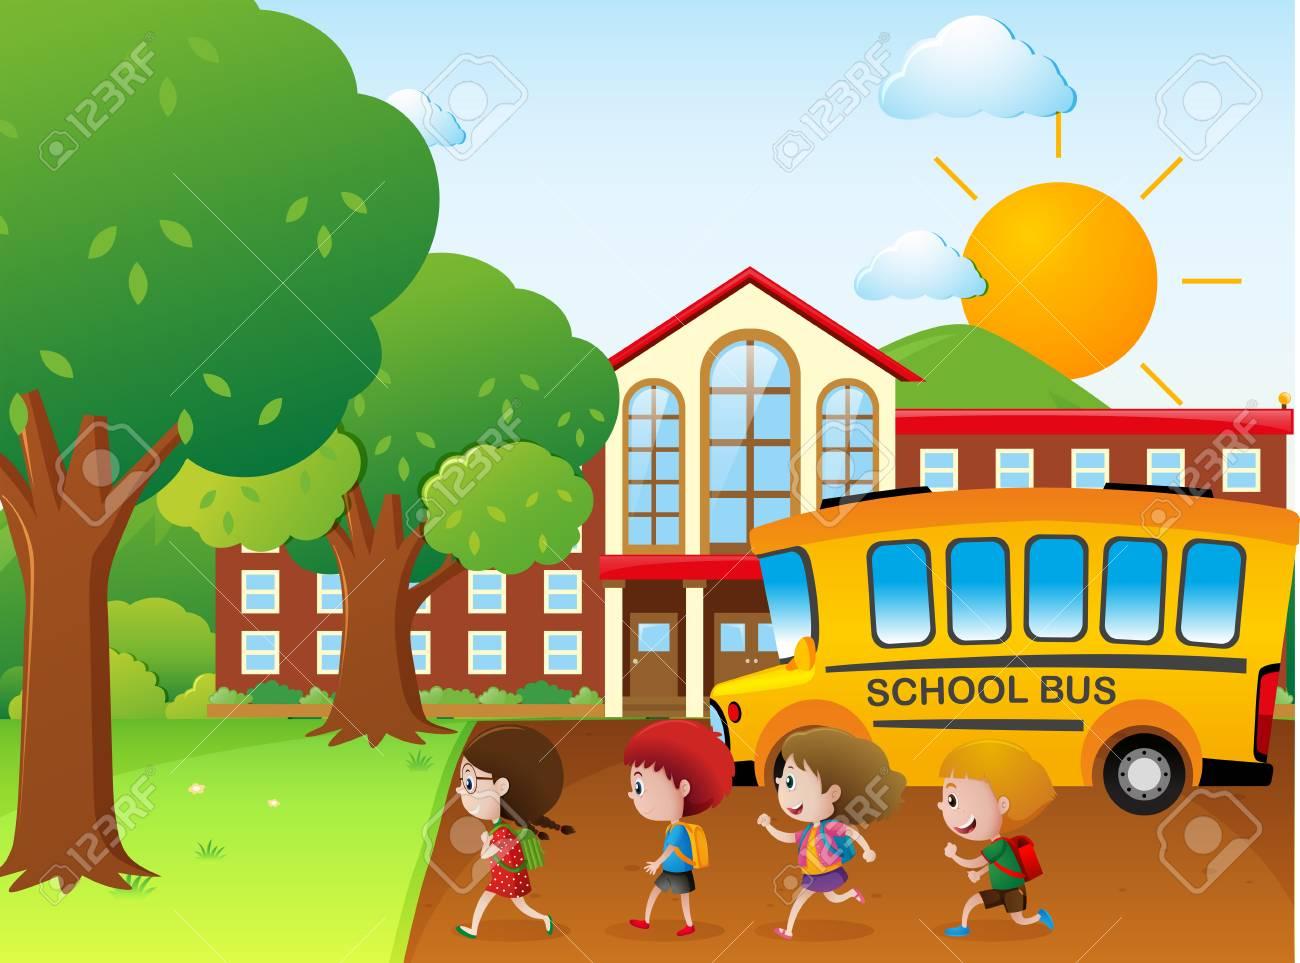 Niños Yendo A La Escuela Por La Ilustración Del Autobús Escolar